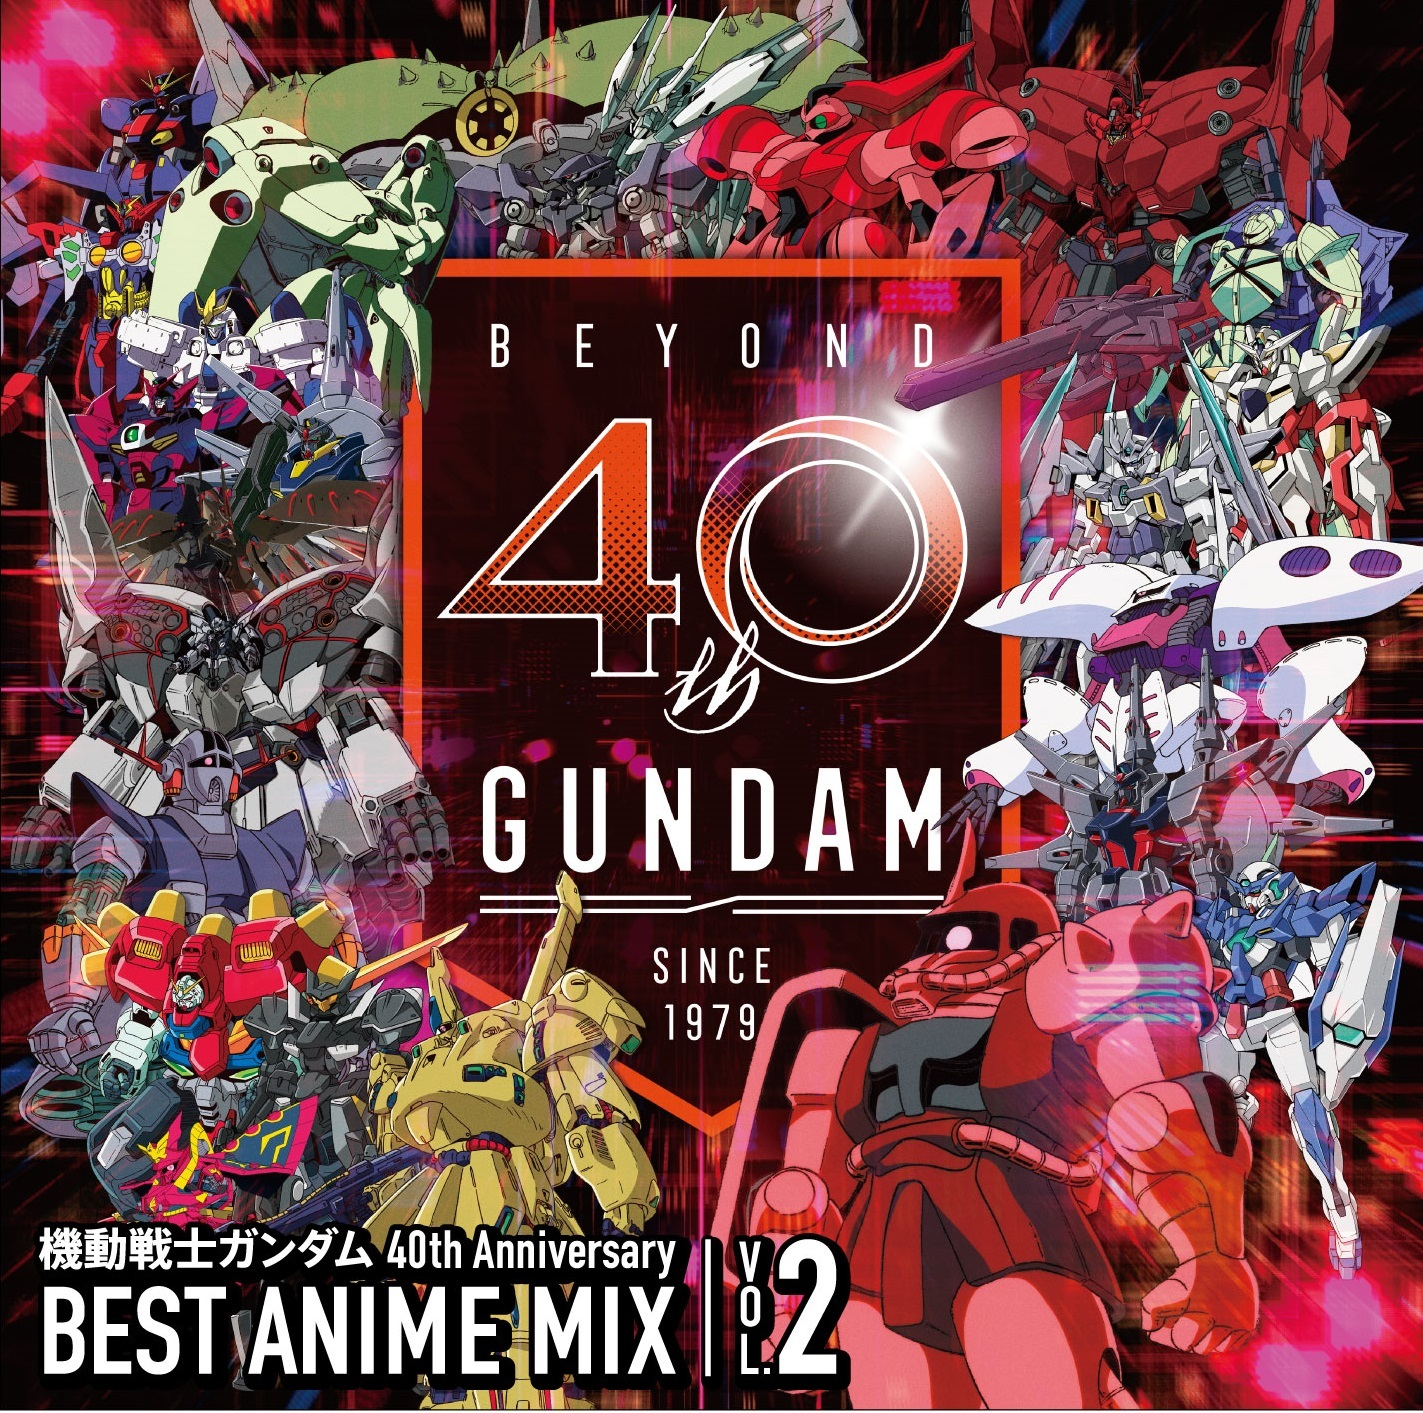 『機動戦士ガンダム 40th Anniversary BEST ANIME MIX vol.2』 (c)創通・サンライズ(c)創通・サンライズ・MBS(c)創通・サンライズ・テレビ東京